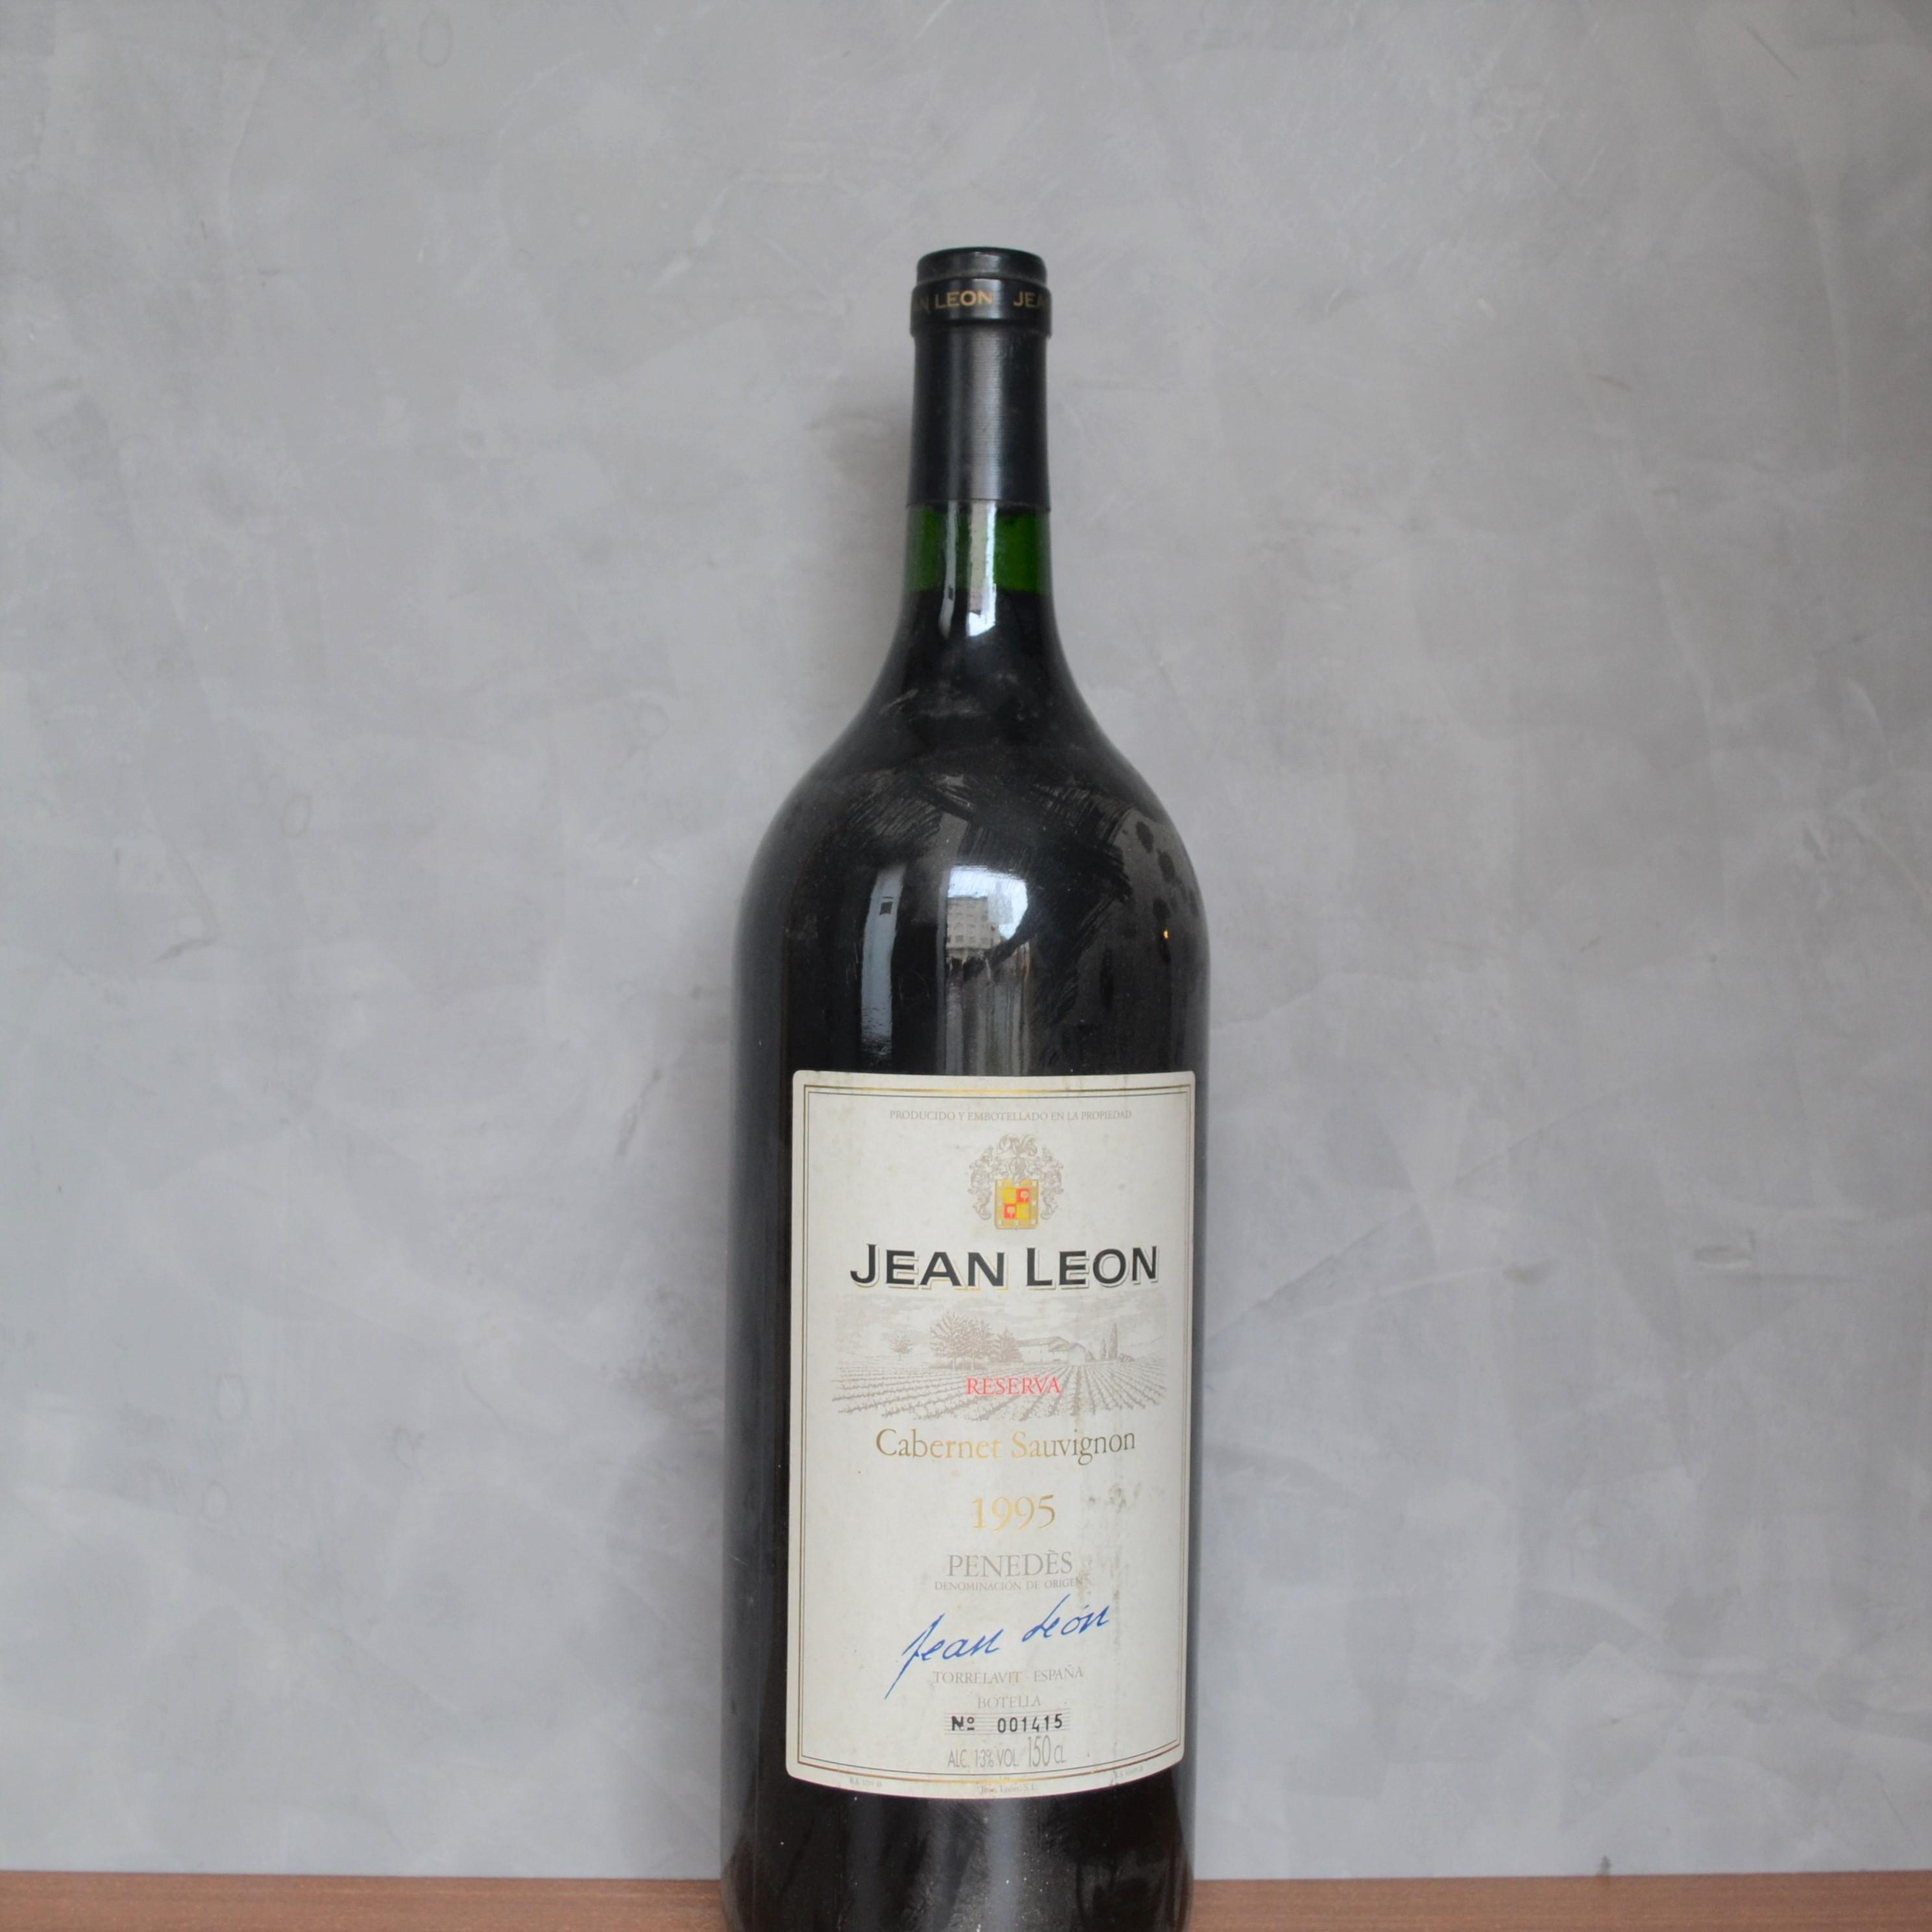 jean leon magnum reserva 1995